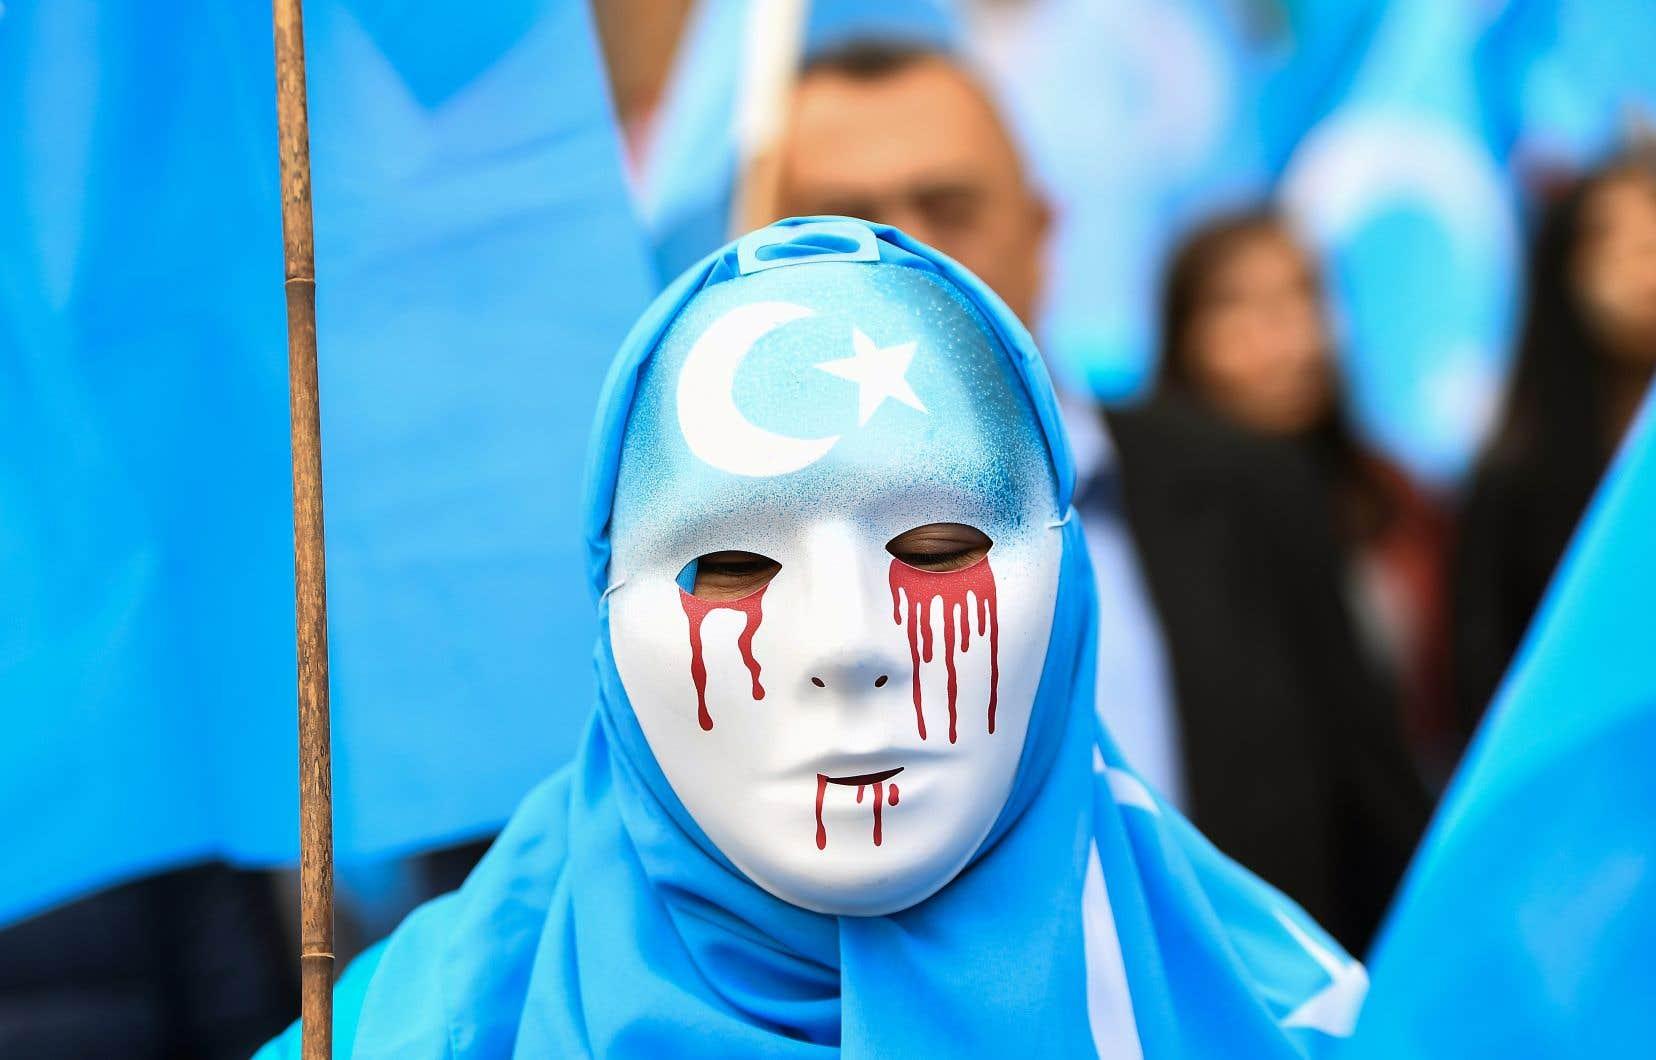 Un protestant masqué prenait part le 27avril dernier, à Bruxelles en Belgique, à une manifestation exhortant l'Union européenne à dénoncer le non-respect des droits de la minorité musulmane par le gouvernement chinois.